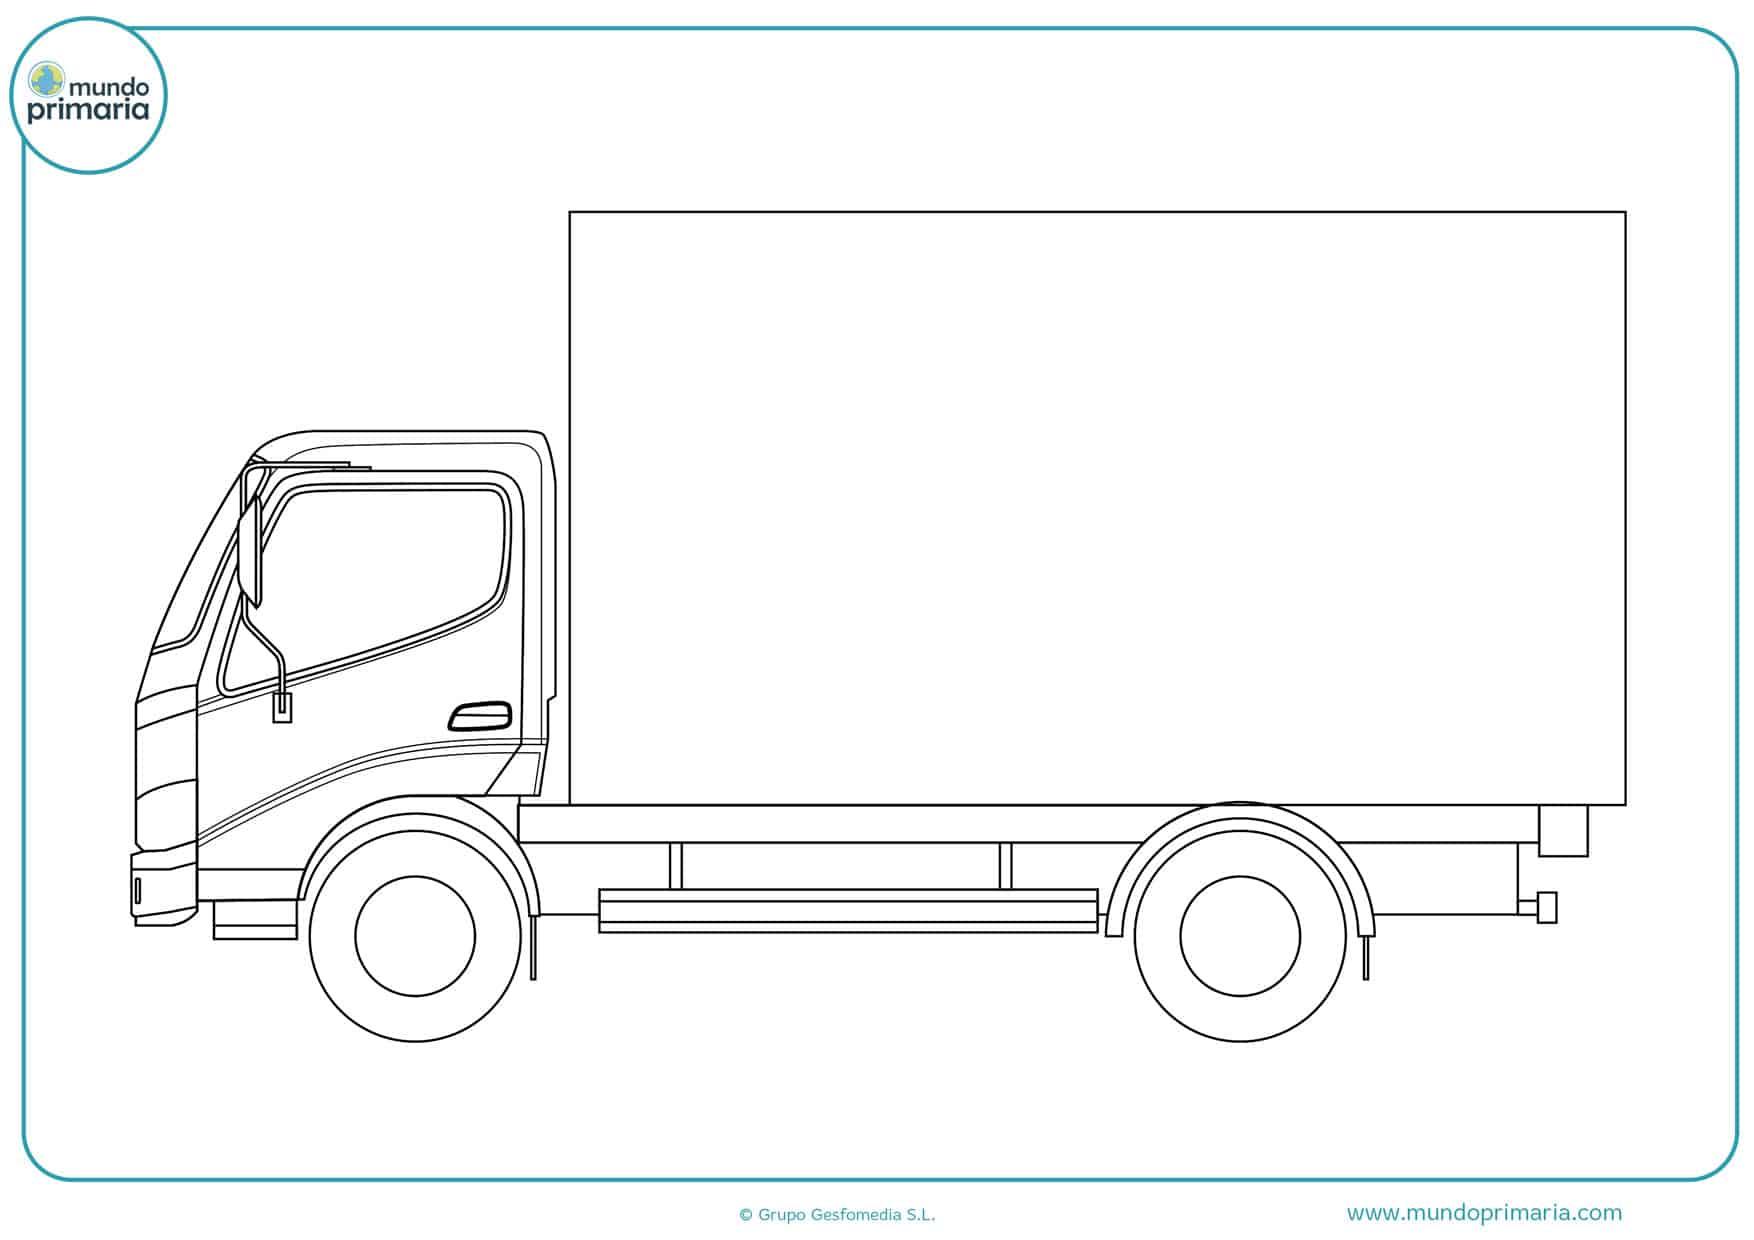 dibujos de camiones man para colorear